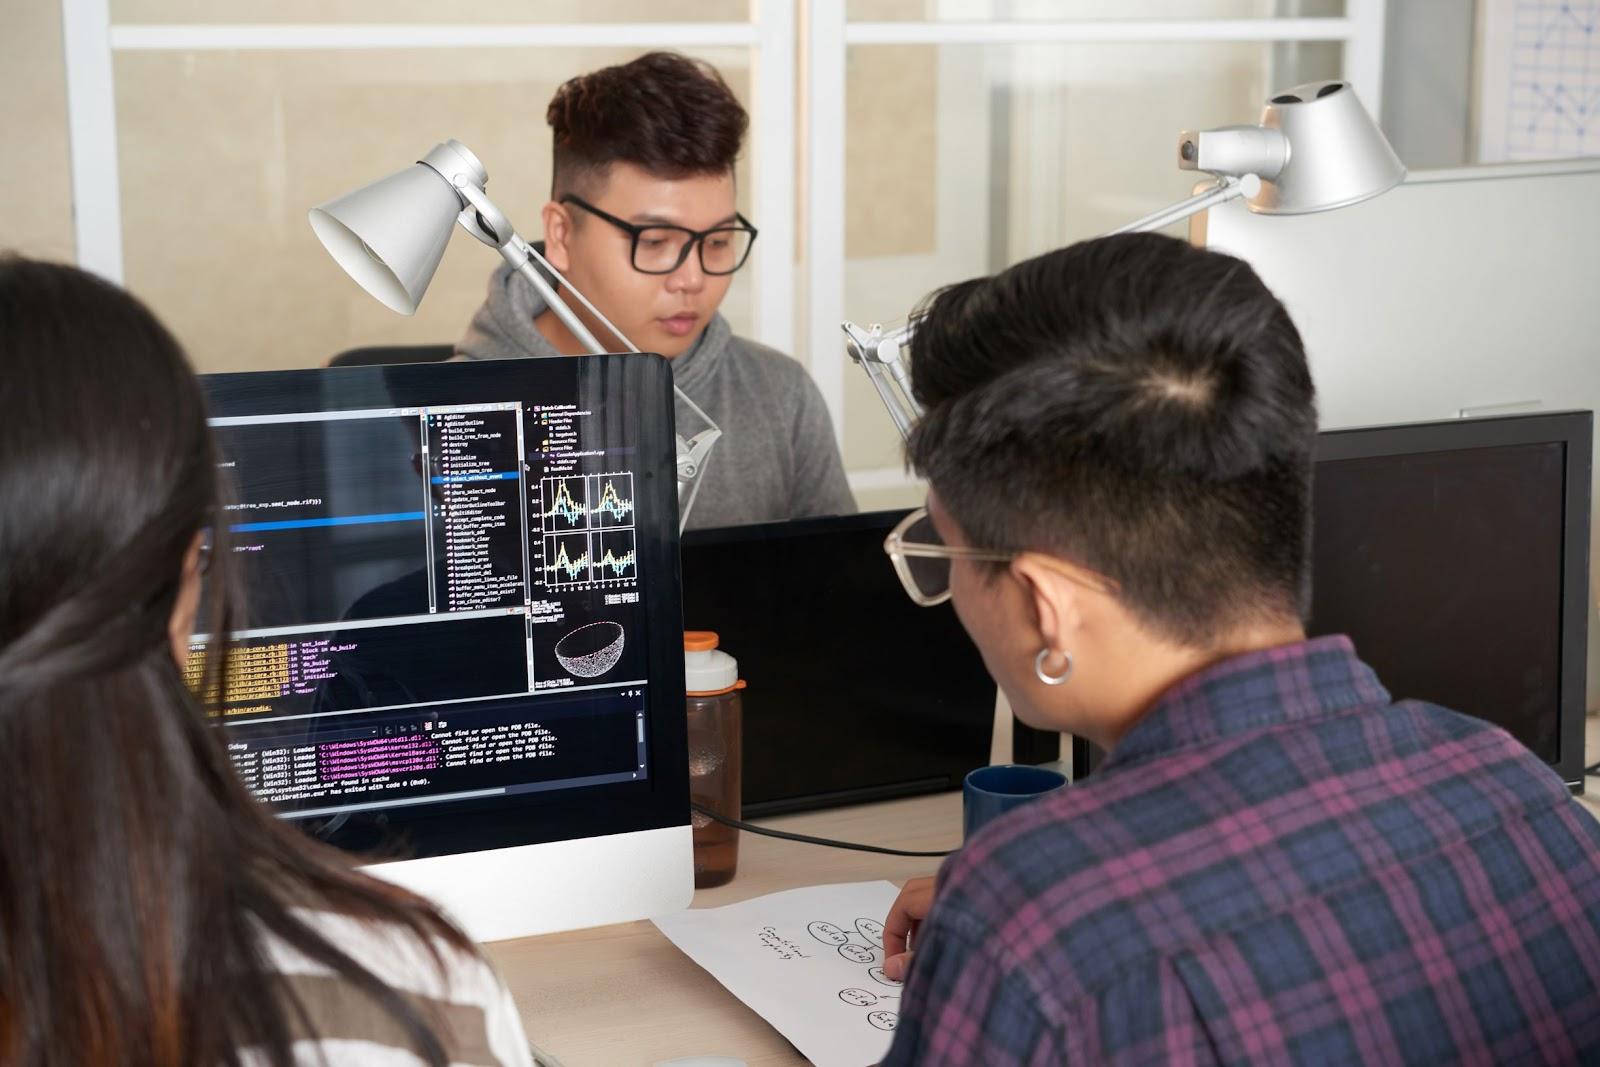 Imagem de 3 pessoas trabalhando em seus respectivos computadores, demonstrando que saber o que é SQL aumenta as possibilidades do universo digital